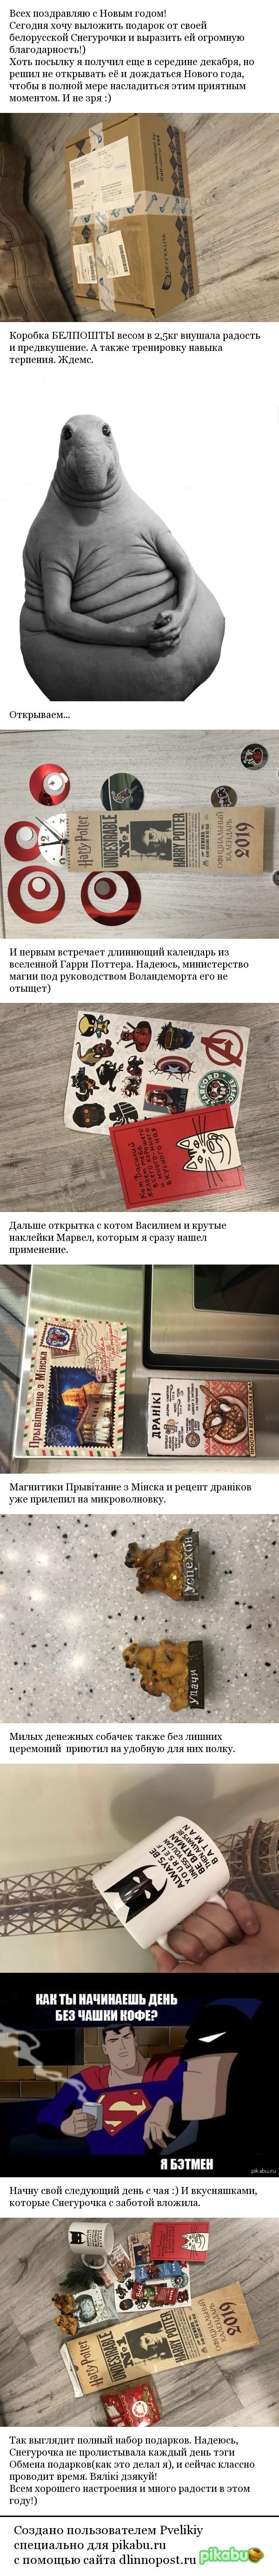 Новогодние подарки из одной столицы в другую (Минск - Москва) Обмен подарками, Новогодний обмен подарками, Снегурочка, Длиннопост, Тайный Санта, Отчет по обмену подарками